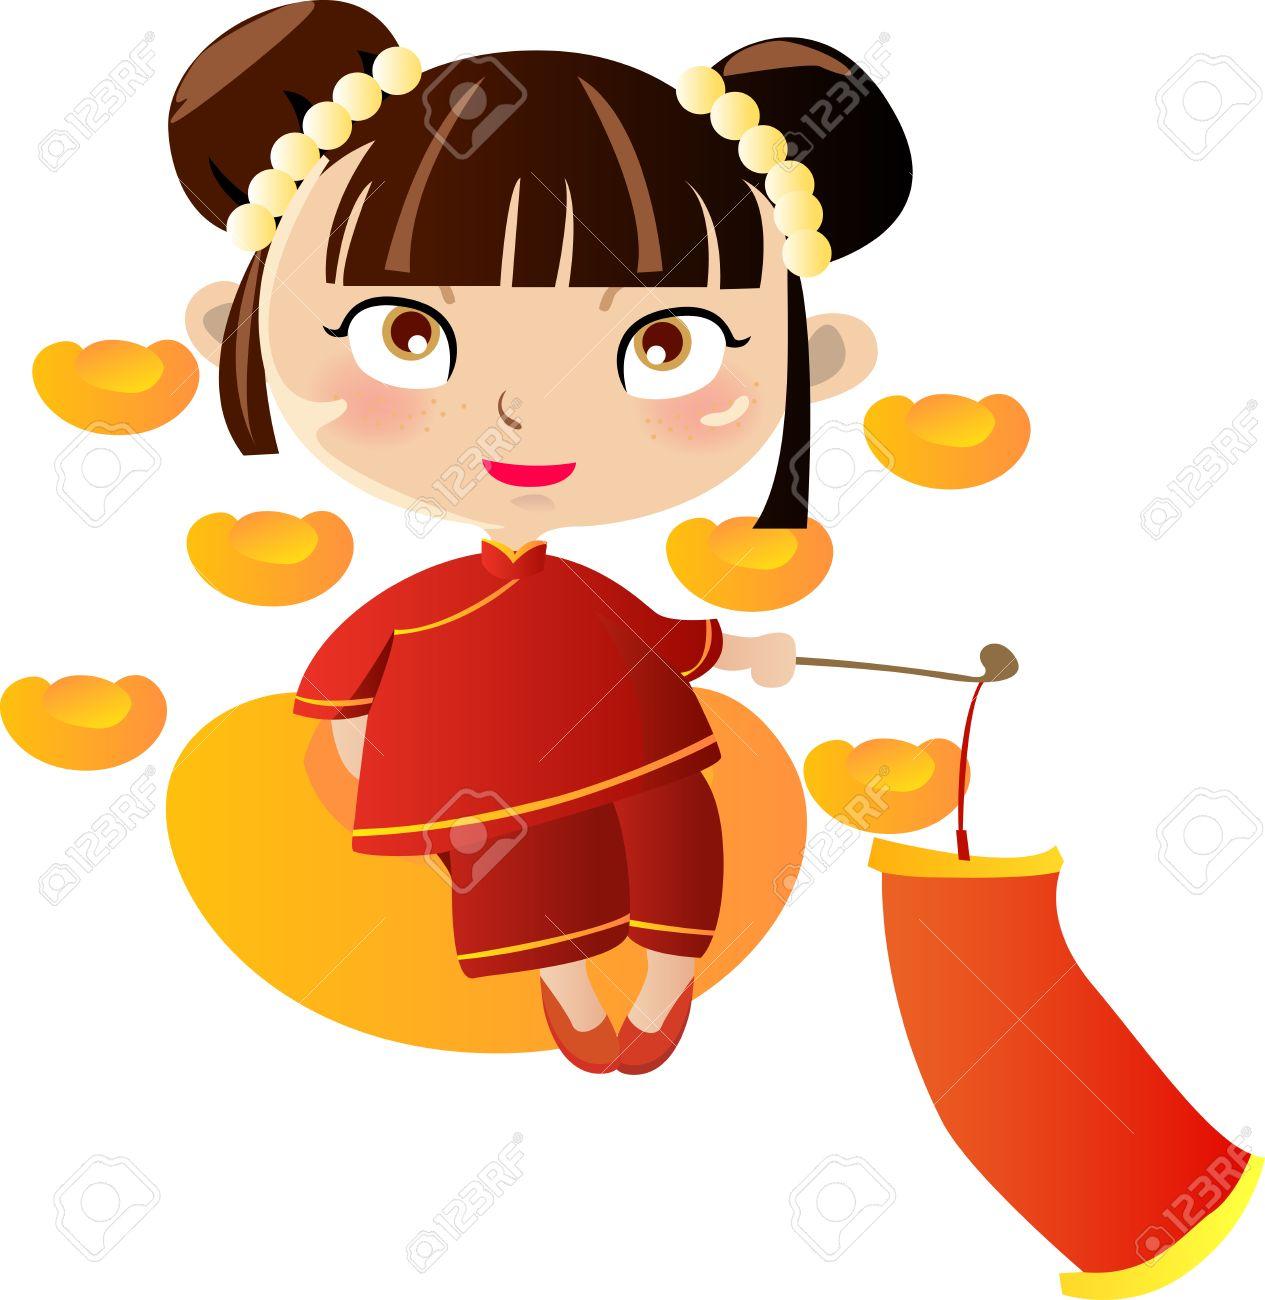 中国のかわいい美しい女の子のイラストのイラスト素材ベクタ Image